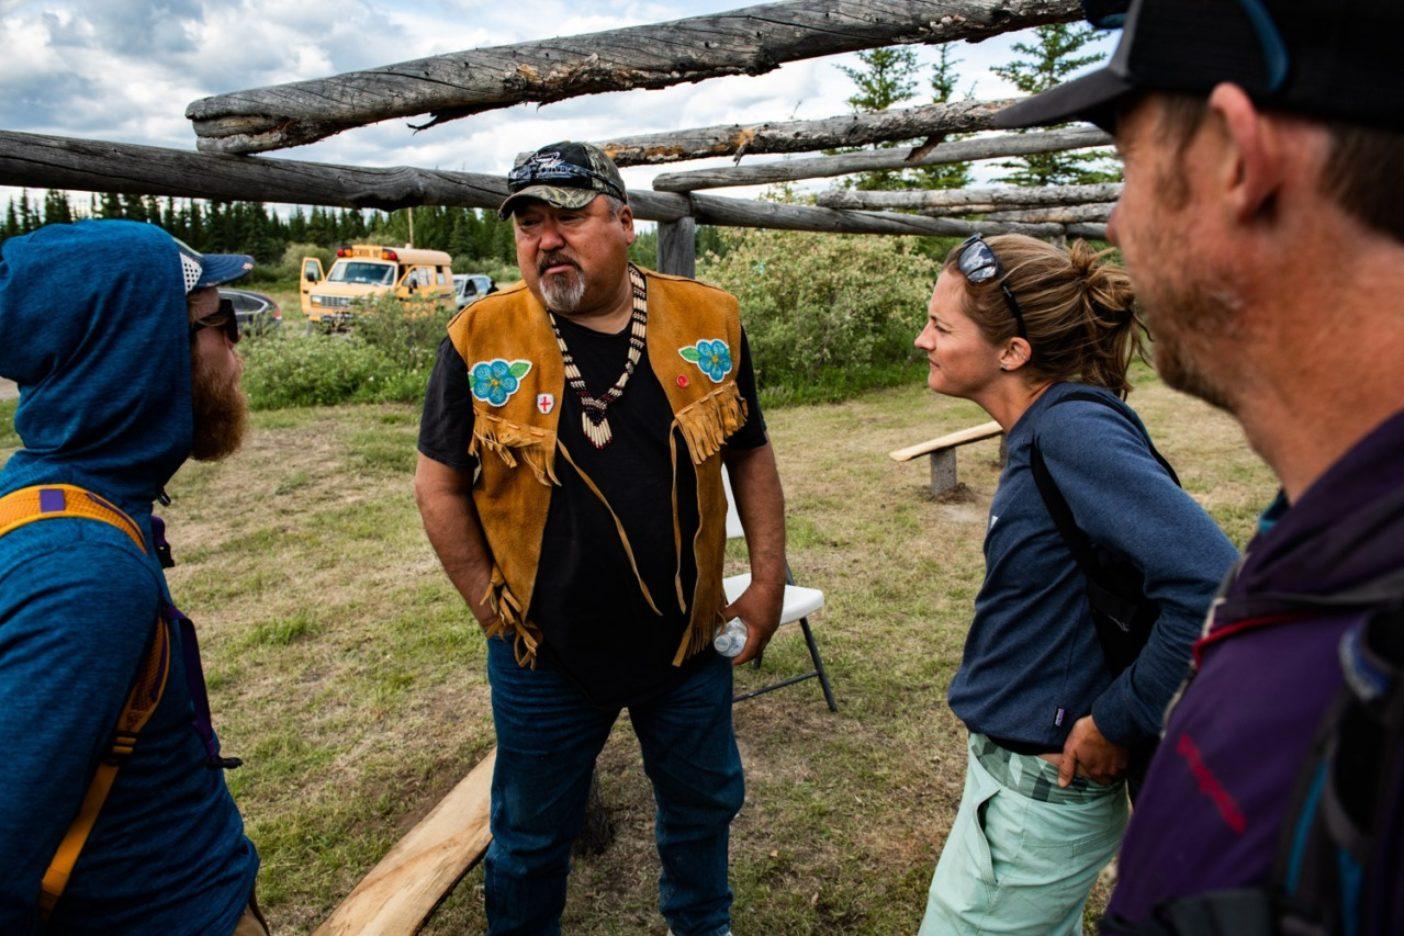 2019年の「北極圏先住民気候サミット」で、グウィッチャー・ズィー(現在のフォート・ユーコン)の第2首長マイク・ピーターから温暖化における狩猟の問題について学ぶルーク・ネルソン、クレア・ギャラガー、トミー・コールドウェル。Photo:Austin Siadak